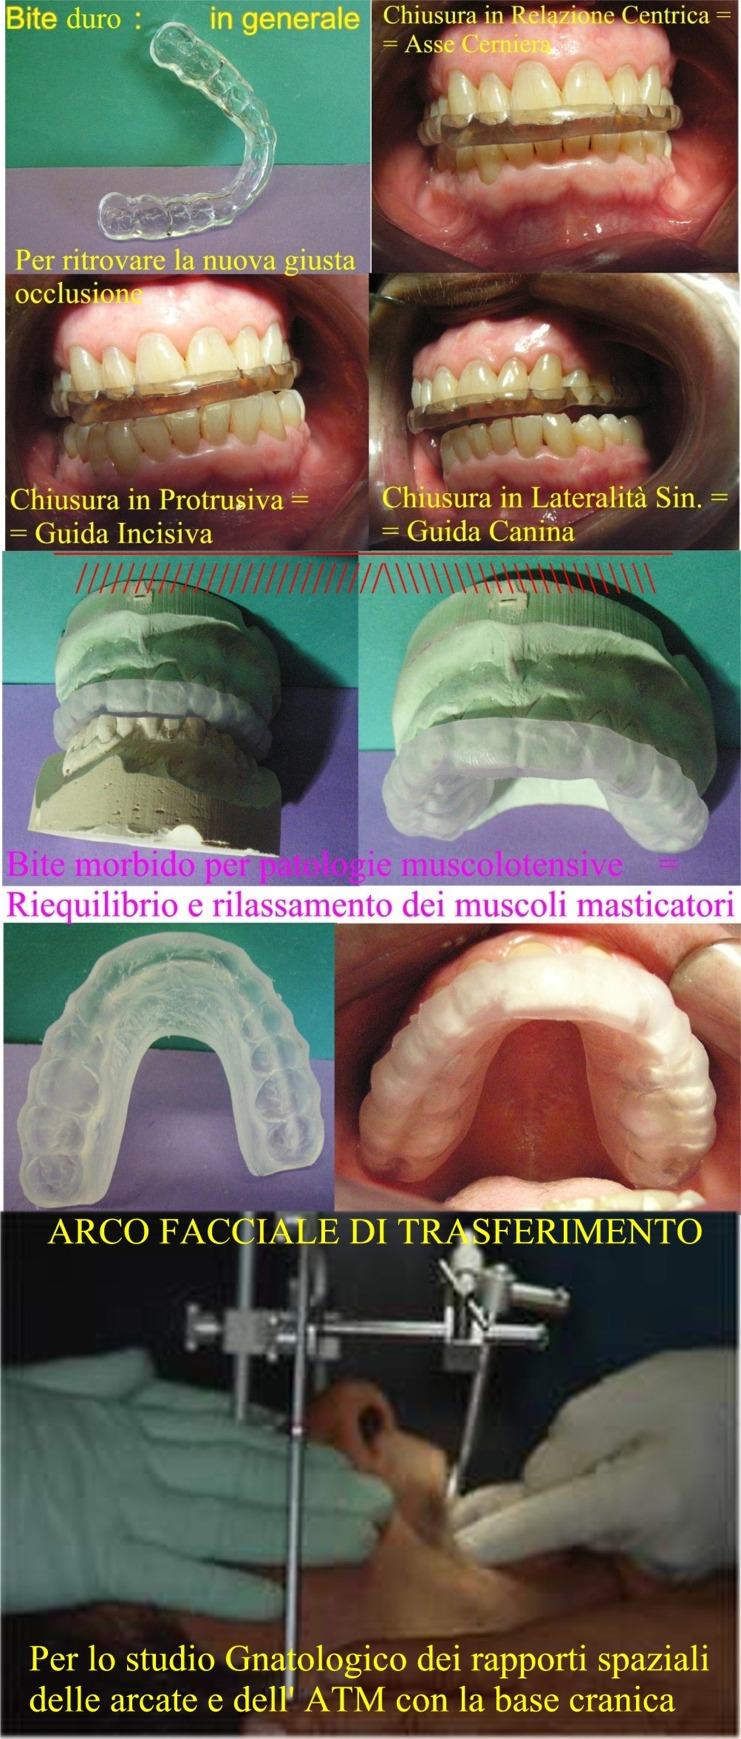 Vari tipi di bite e arco facciale di trasferimento per la diagnosi gnatologica. Dr. Gustavo Petti Cagliari